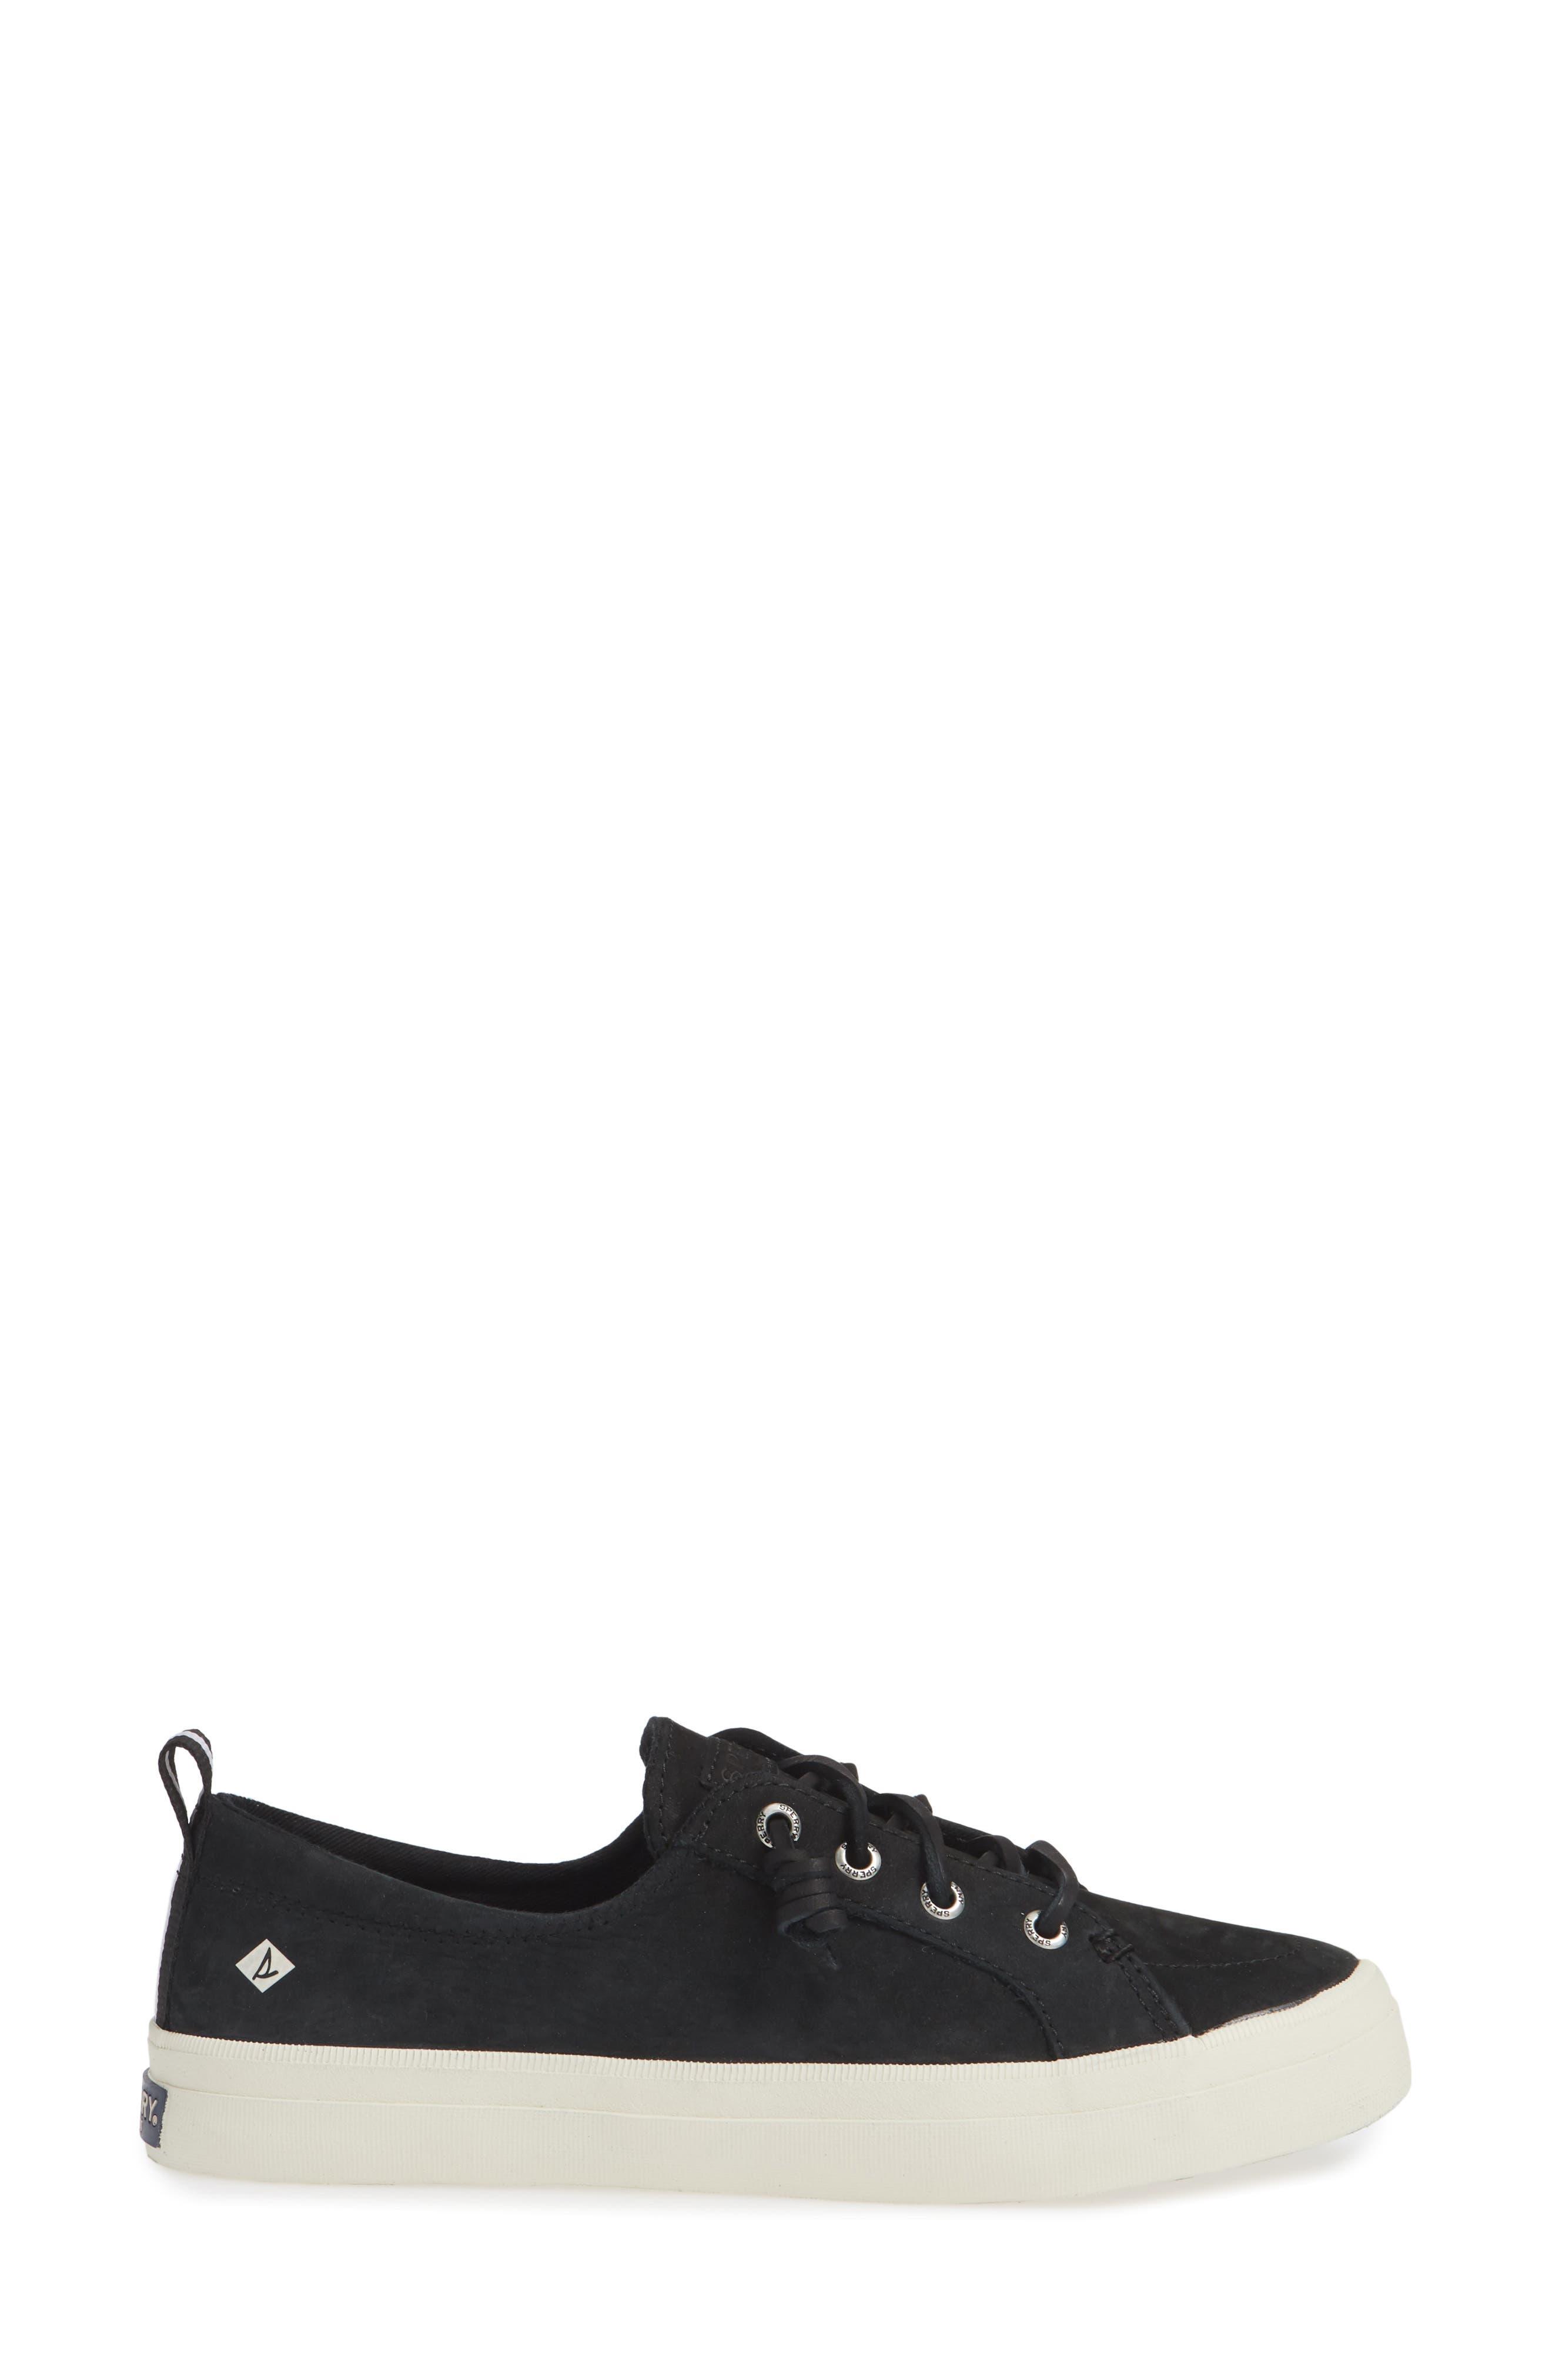 SPERRY,                             Crest Vibe Sneaker,                             Alternate thumbnail 3, color,                             001